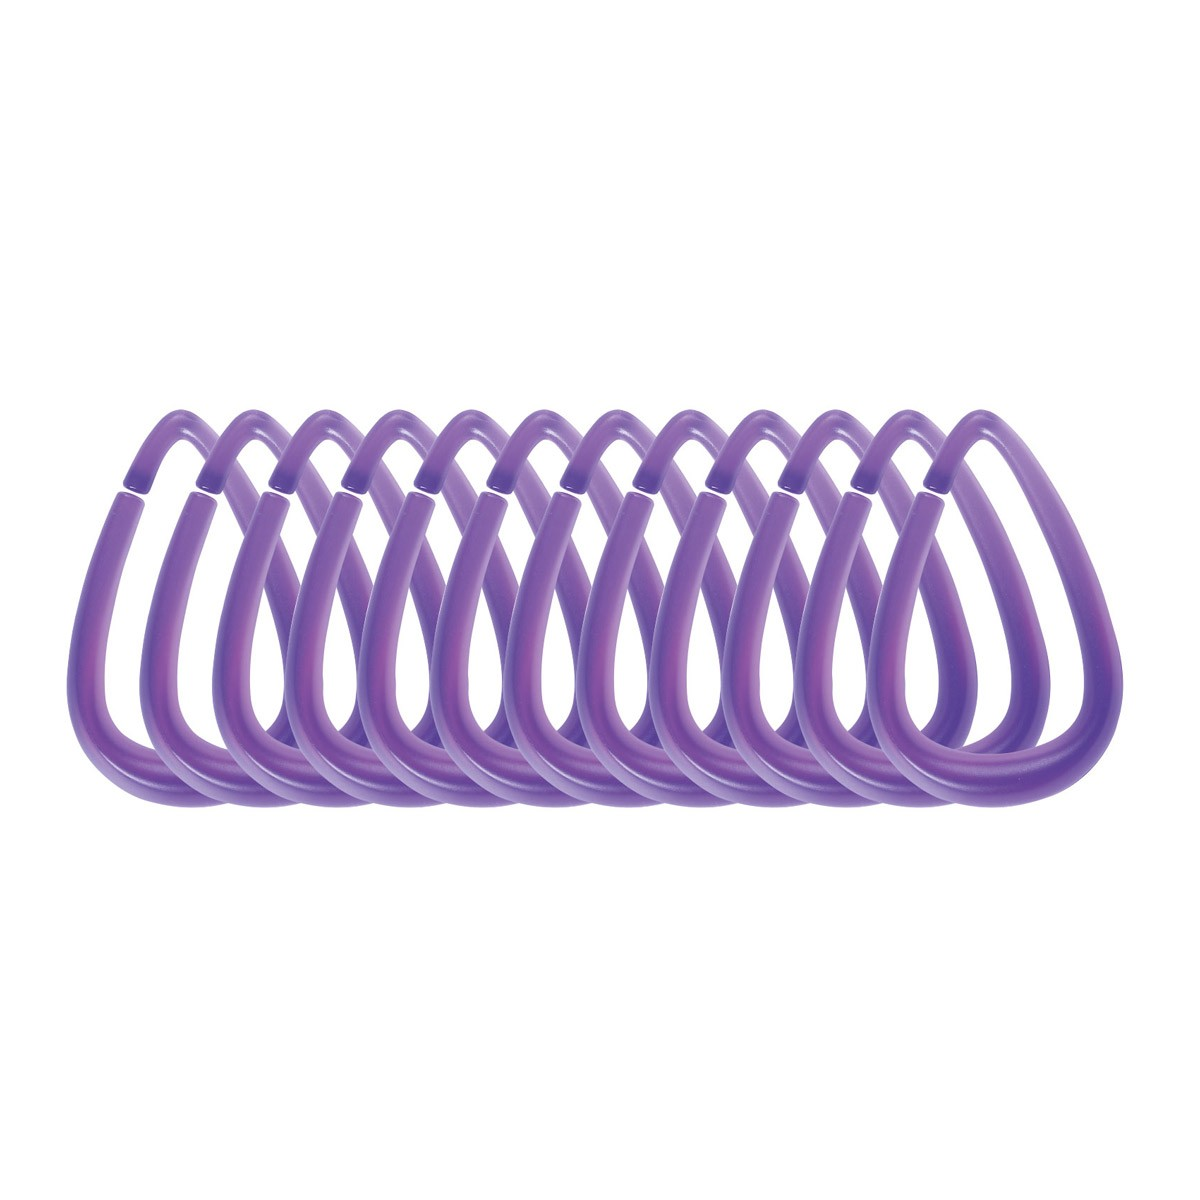 Κρίκοι Κουρτίνας Μπάνιου 12τμχ Spirella Drop 03819 Violet